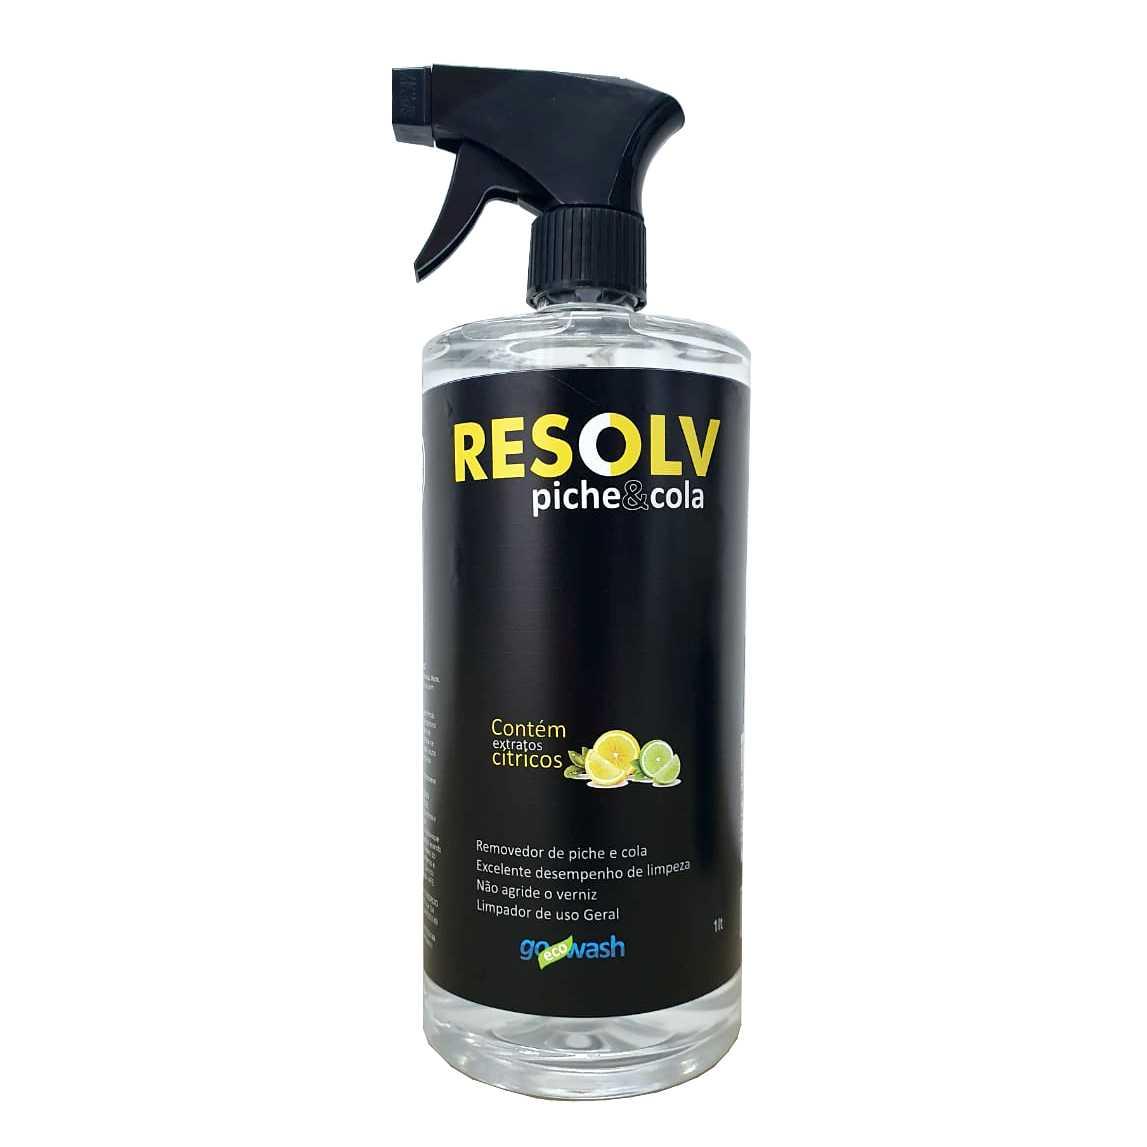 RESOLV Removedor de Piche e Cola - 1lt (Go Eco Wash)  - Loja Go Eco Wash